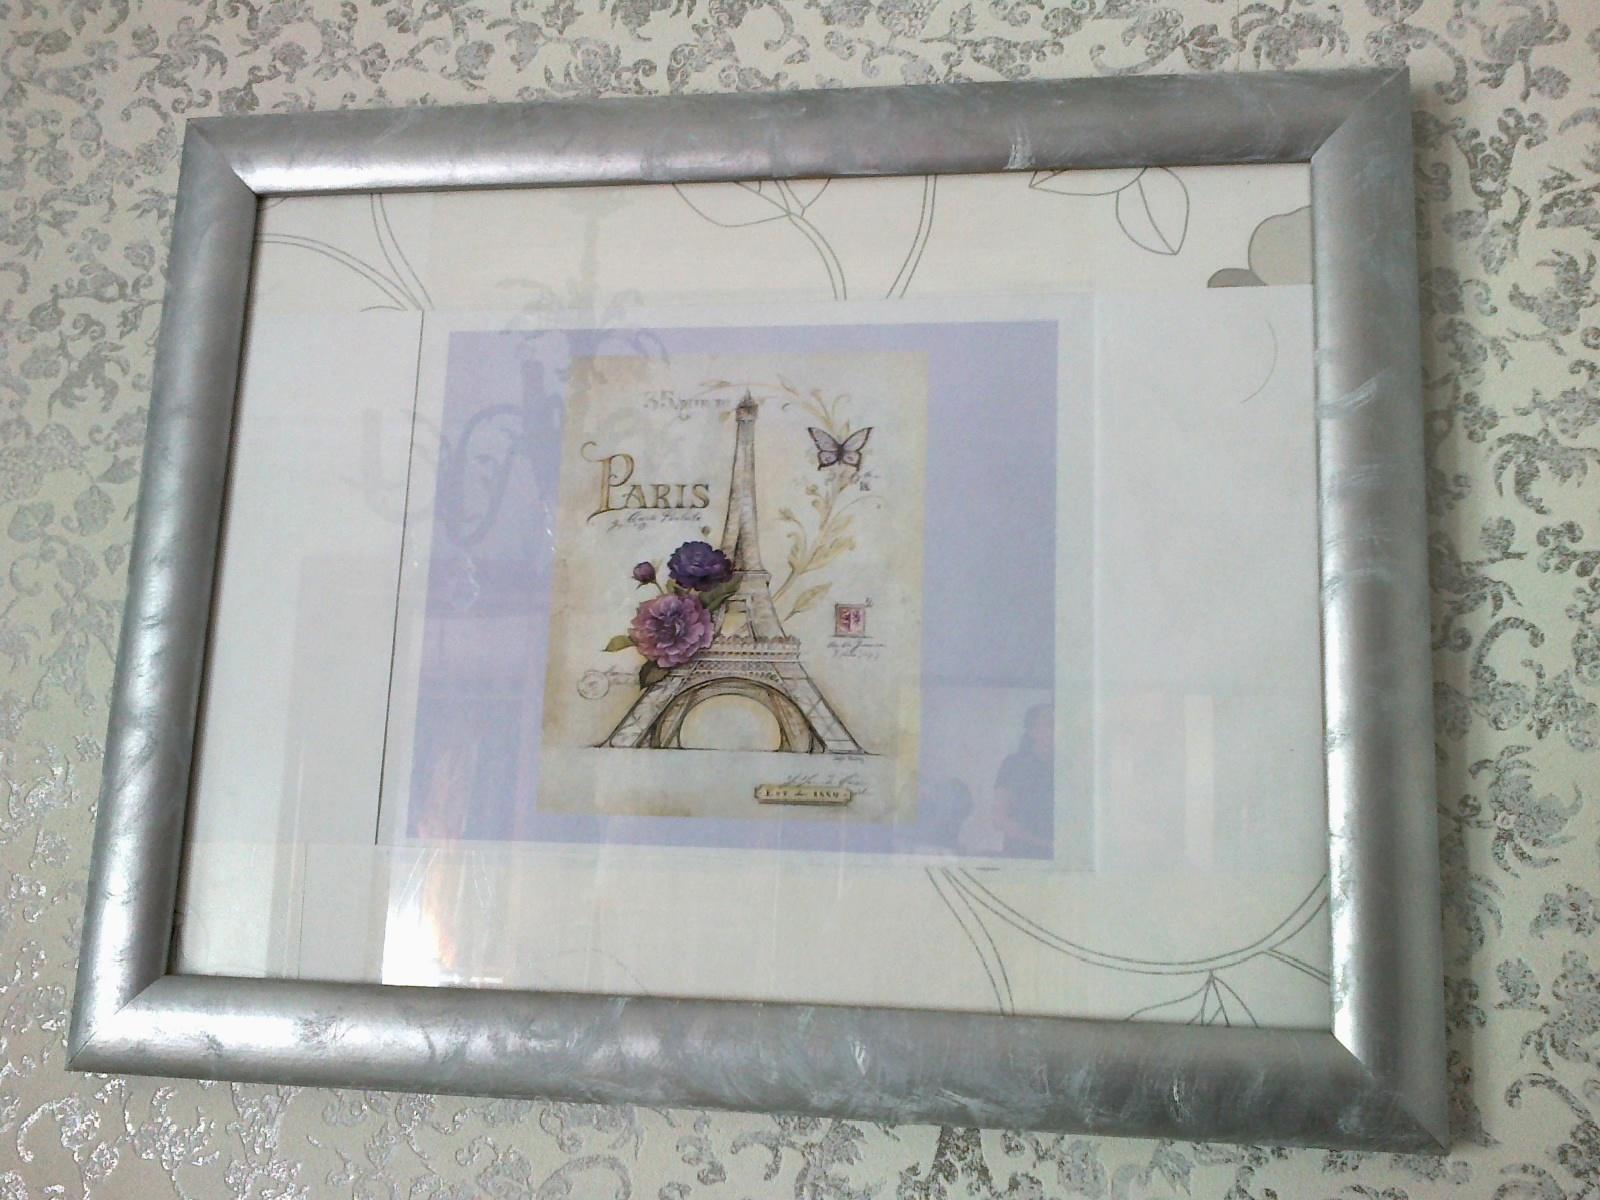 afe4e0154b3 affordable marcos para cuadros vintage mi favorita para cargando zoom with  marcos para cuadros vintage